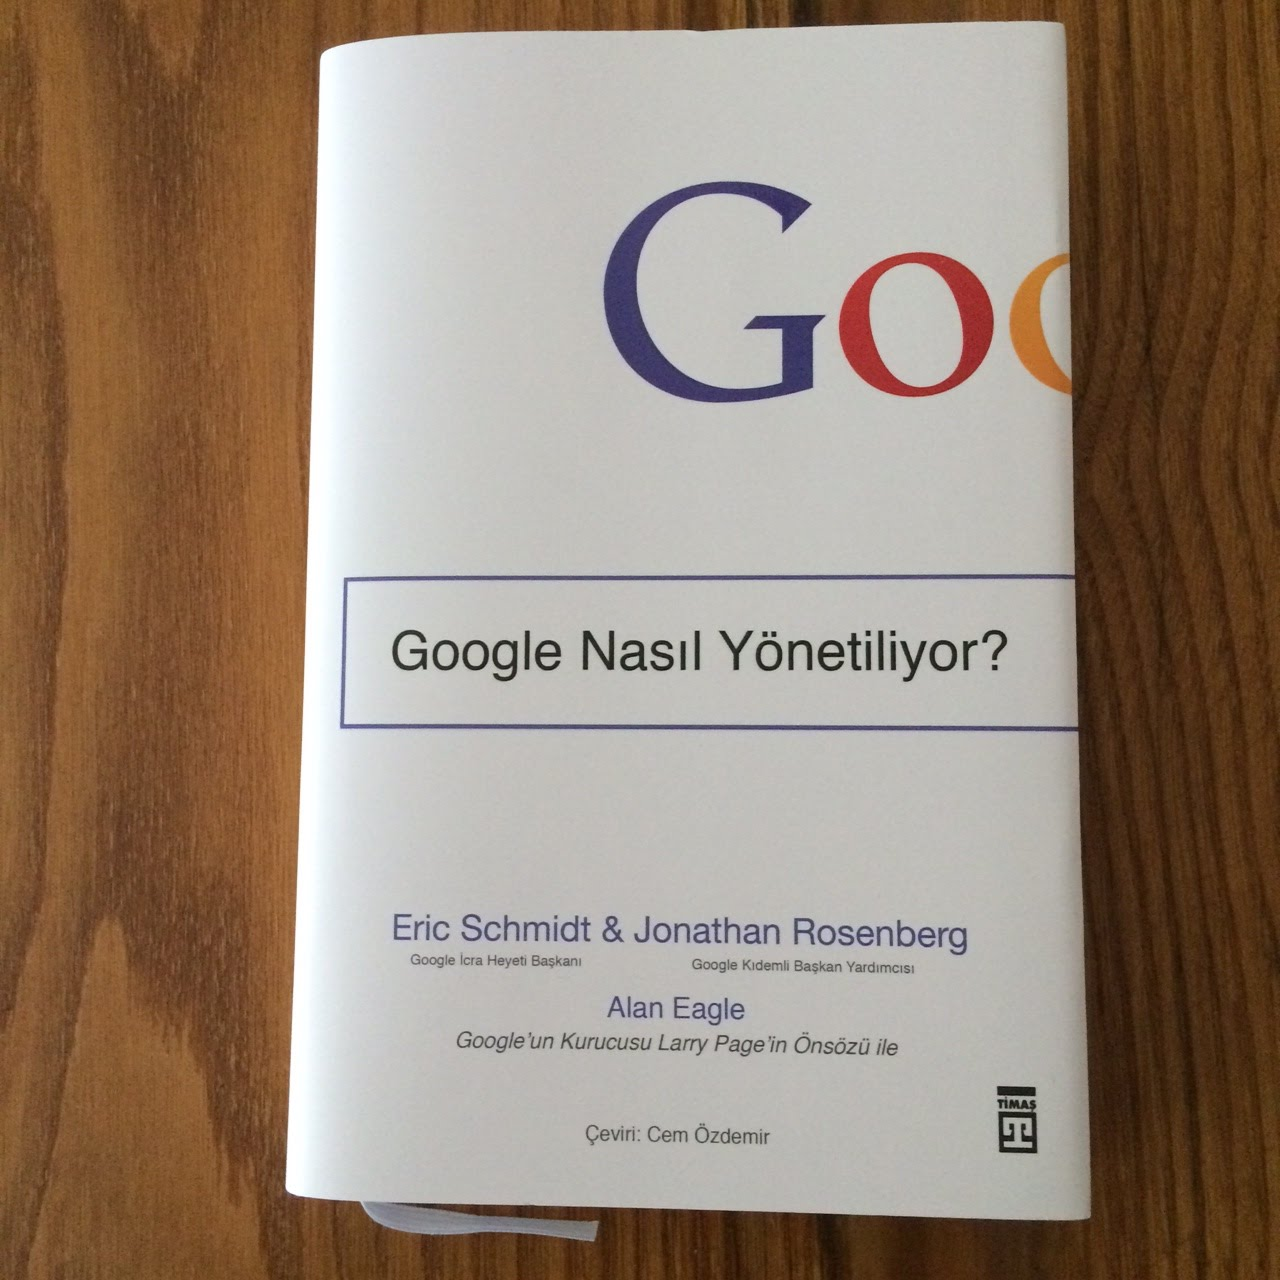 Google Nasil Yonetiliyor? (Kitap)